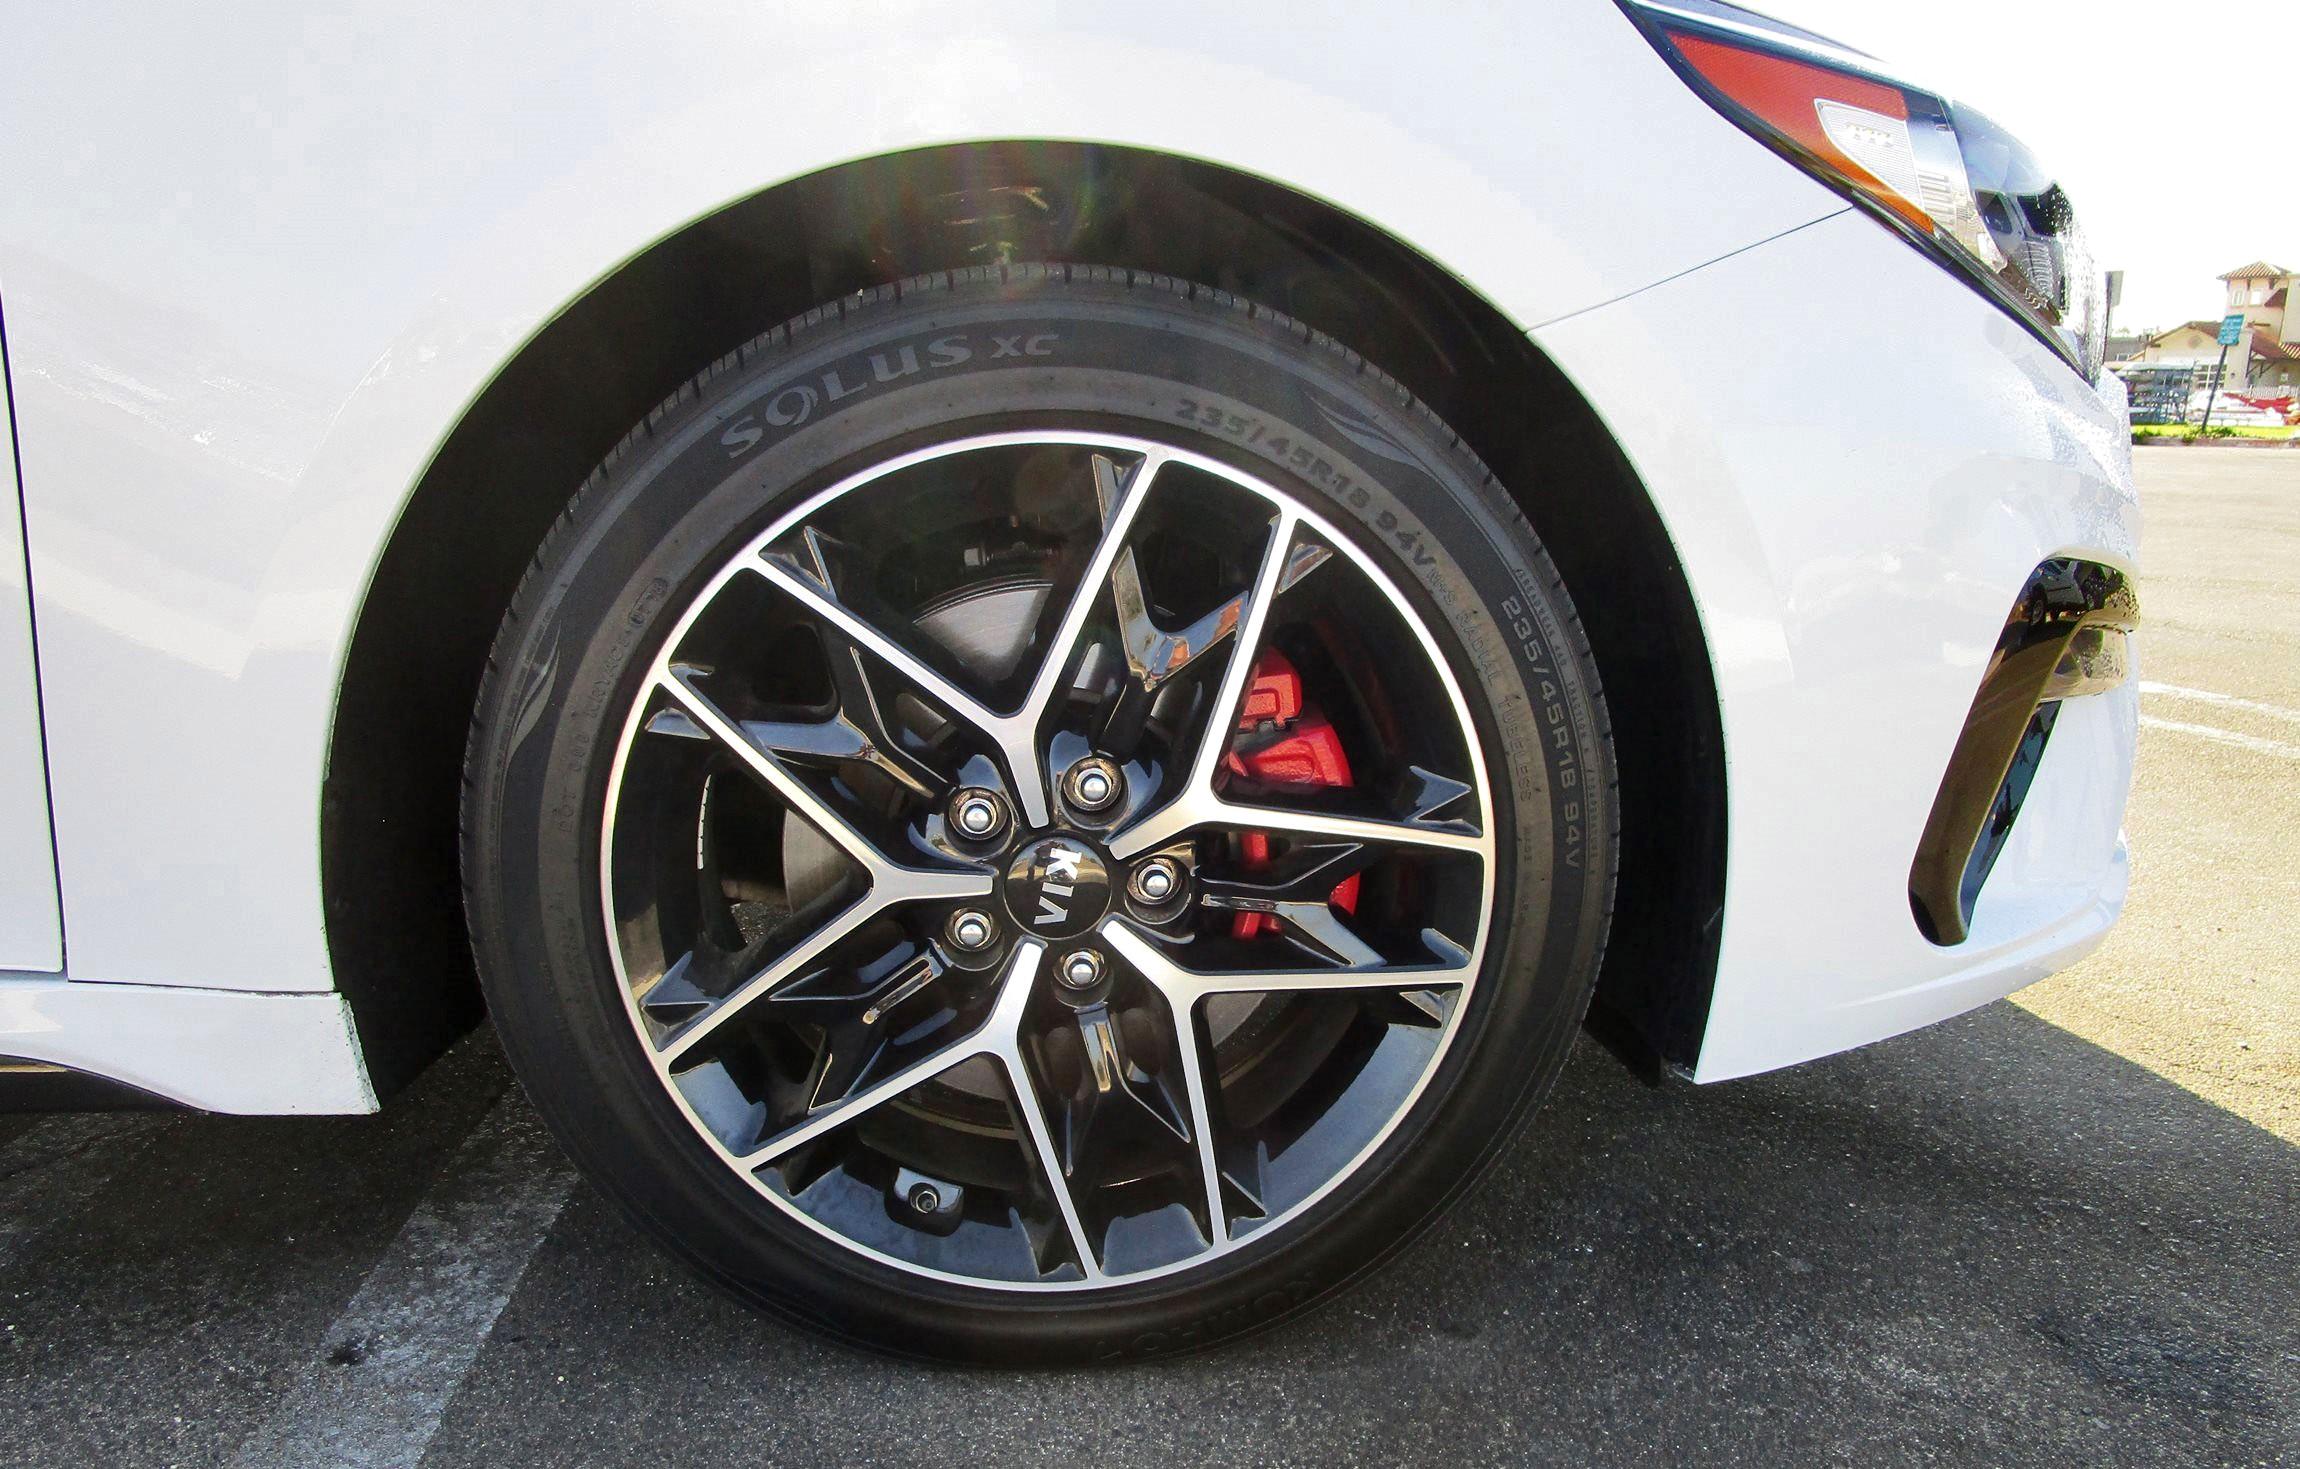 2016 Kia Optima Accessories >> 2019 Kia Optima SX Turbo - Road Test Review - By Ben Lewis